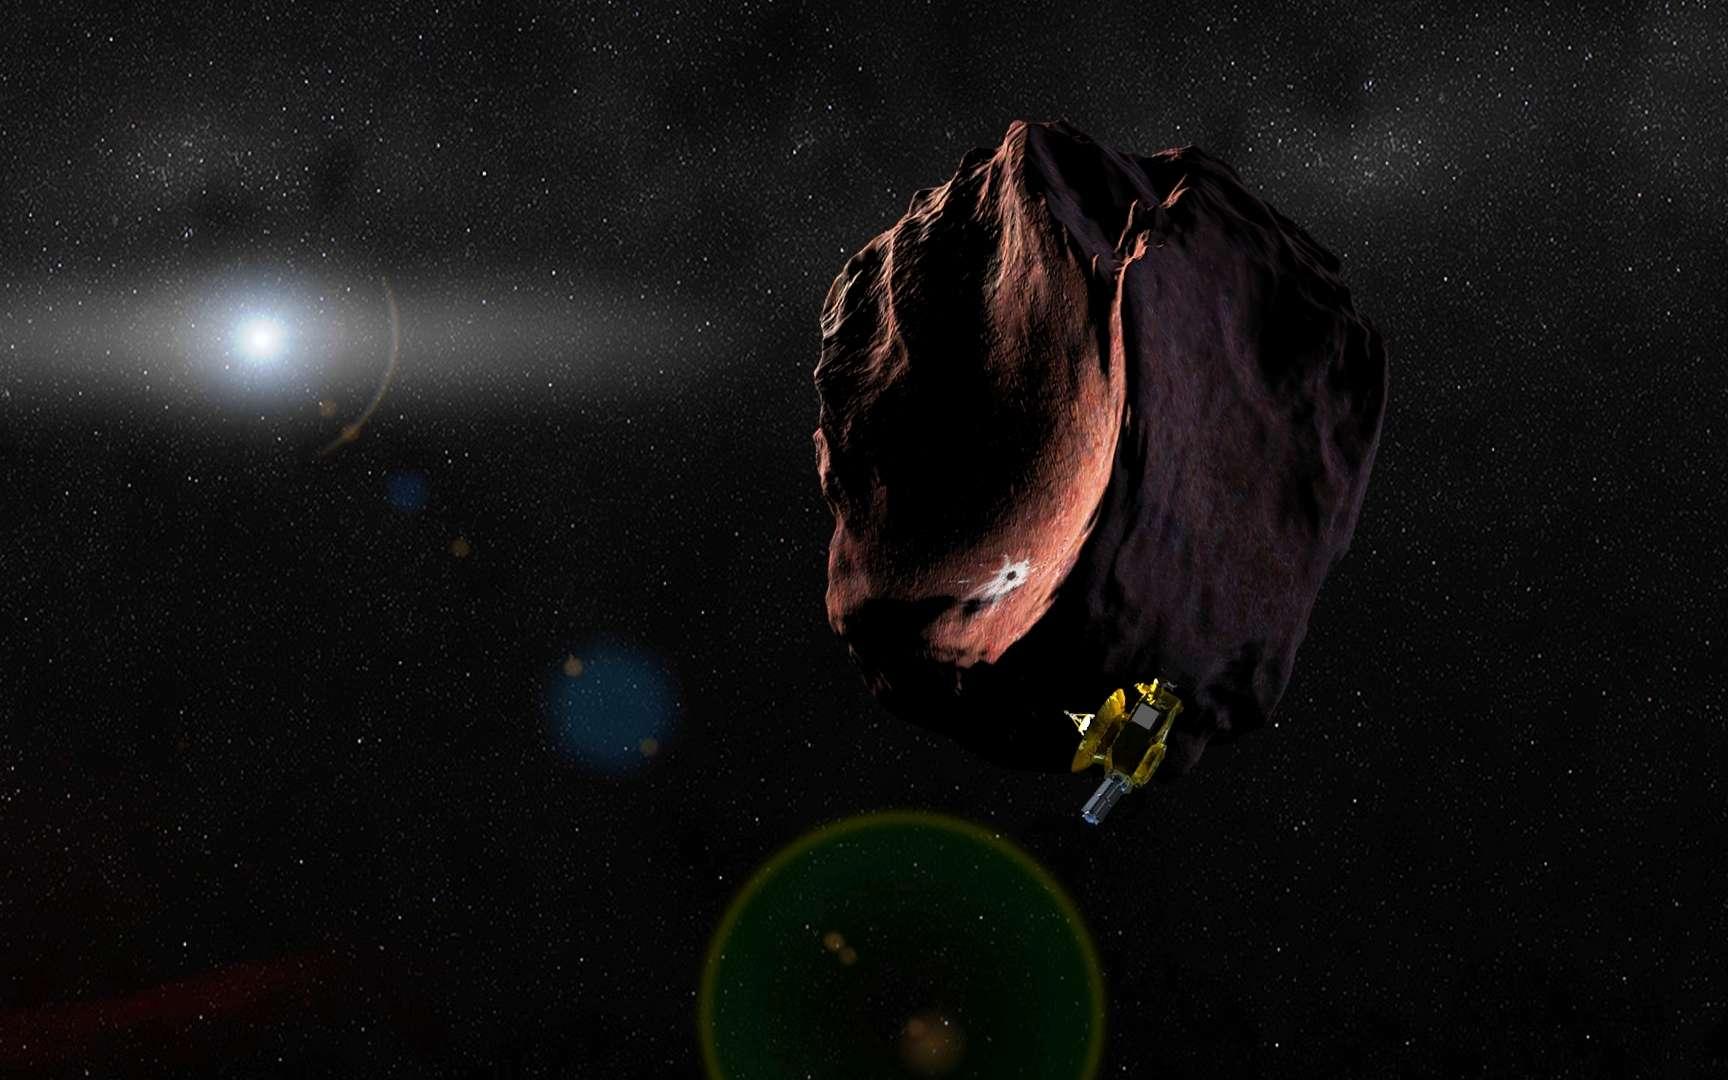 Une vision d'artiste de la sonde New Horizons visitant (peut-être en 2019 ?), un objet de la ceinture de Kuiper d'environ 50 kilomètres de diamètre. © JHUAPL, SwRI